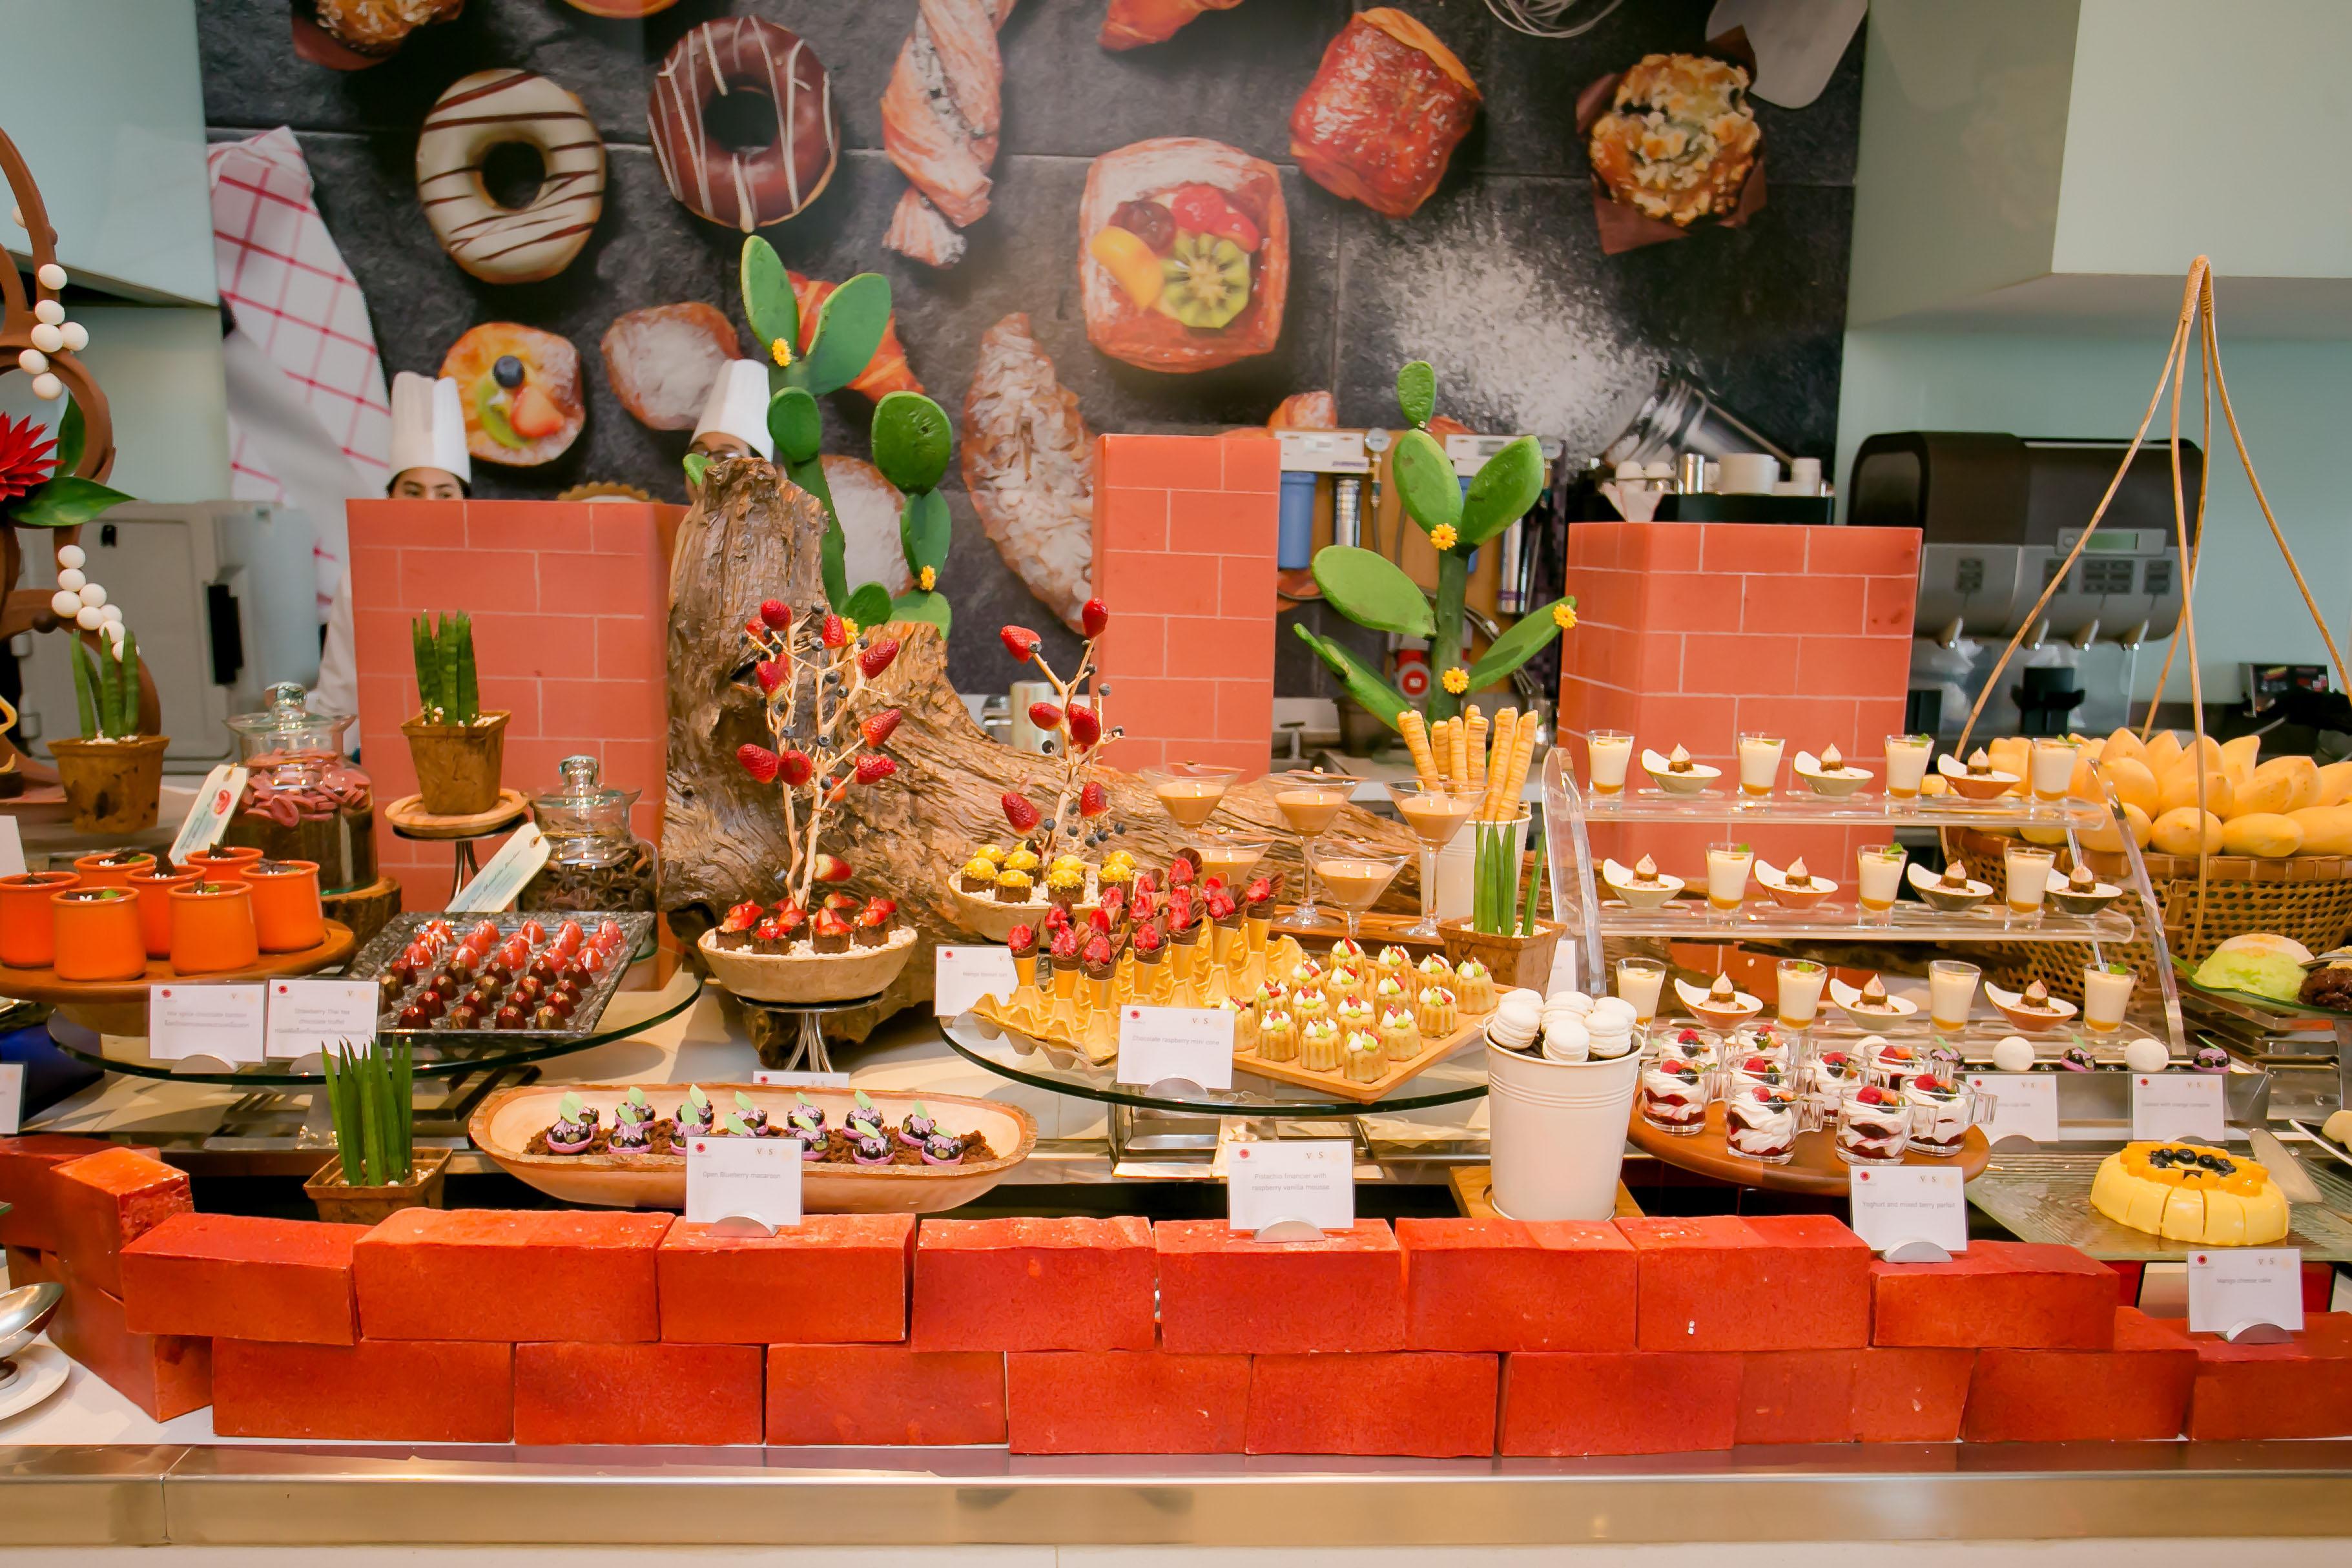 ซันเดย์บรั้นช์มื้อสายสุดอลังการ เติมเต็มความสุขในวันครอบครัว ณ ห้องอาหารเดอะเวิลด์ โรงแรมเซ็นทาราแกรนด์ฯ เซ็นทรัลเวิลด์